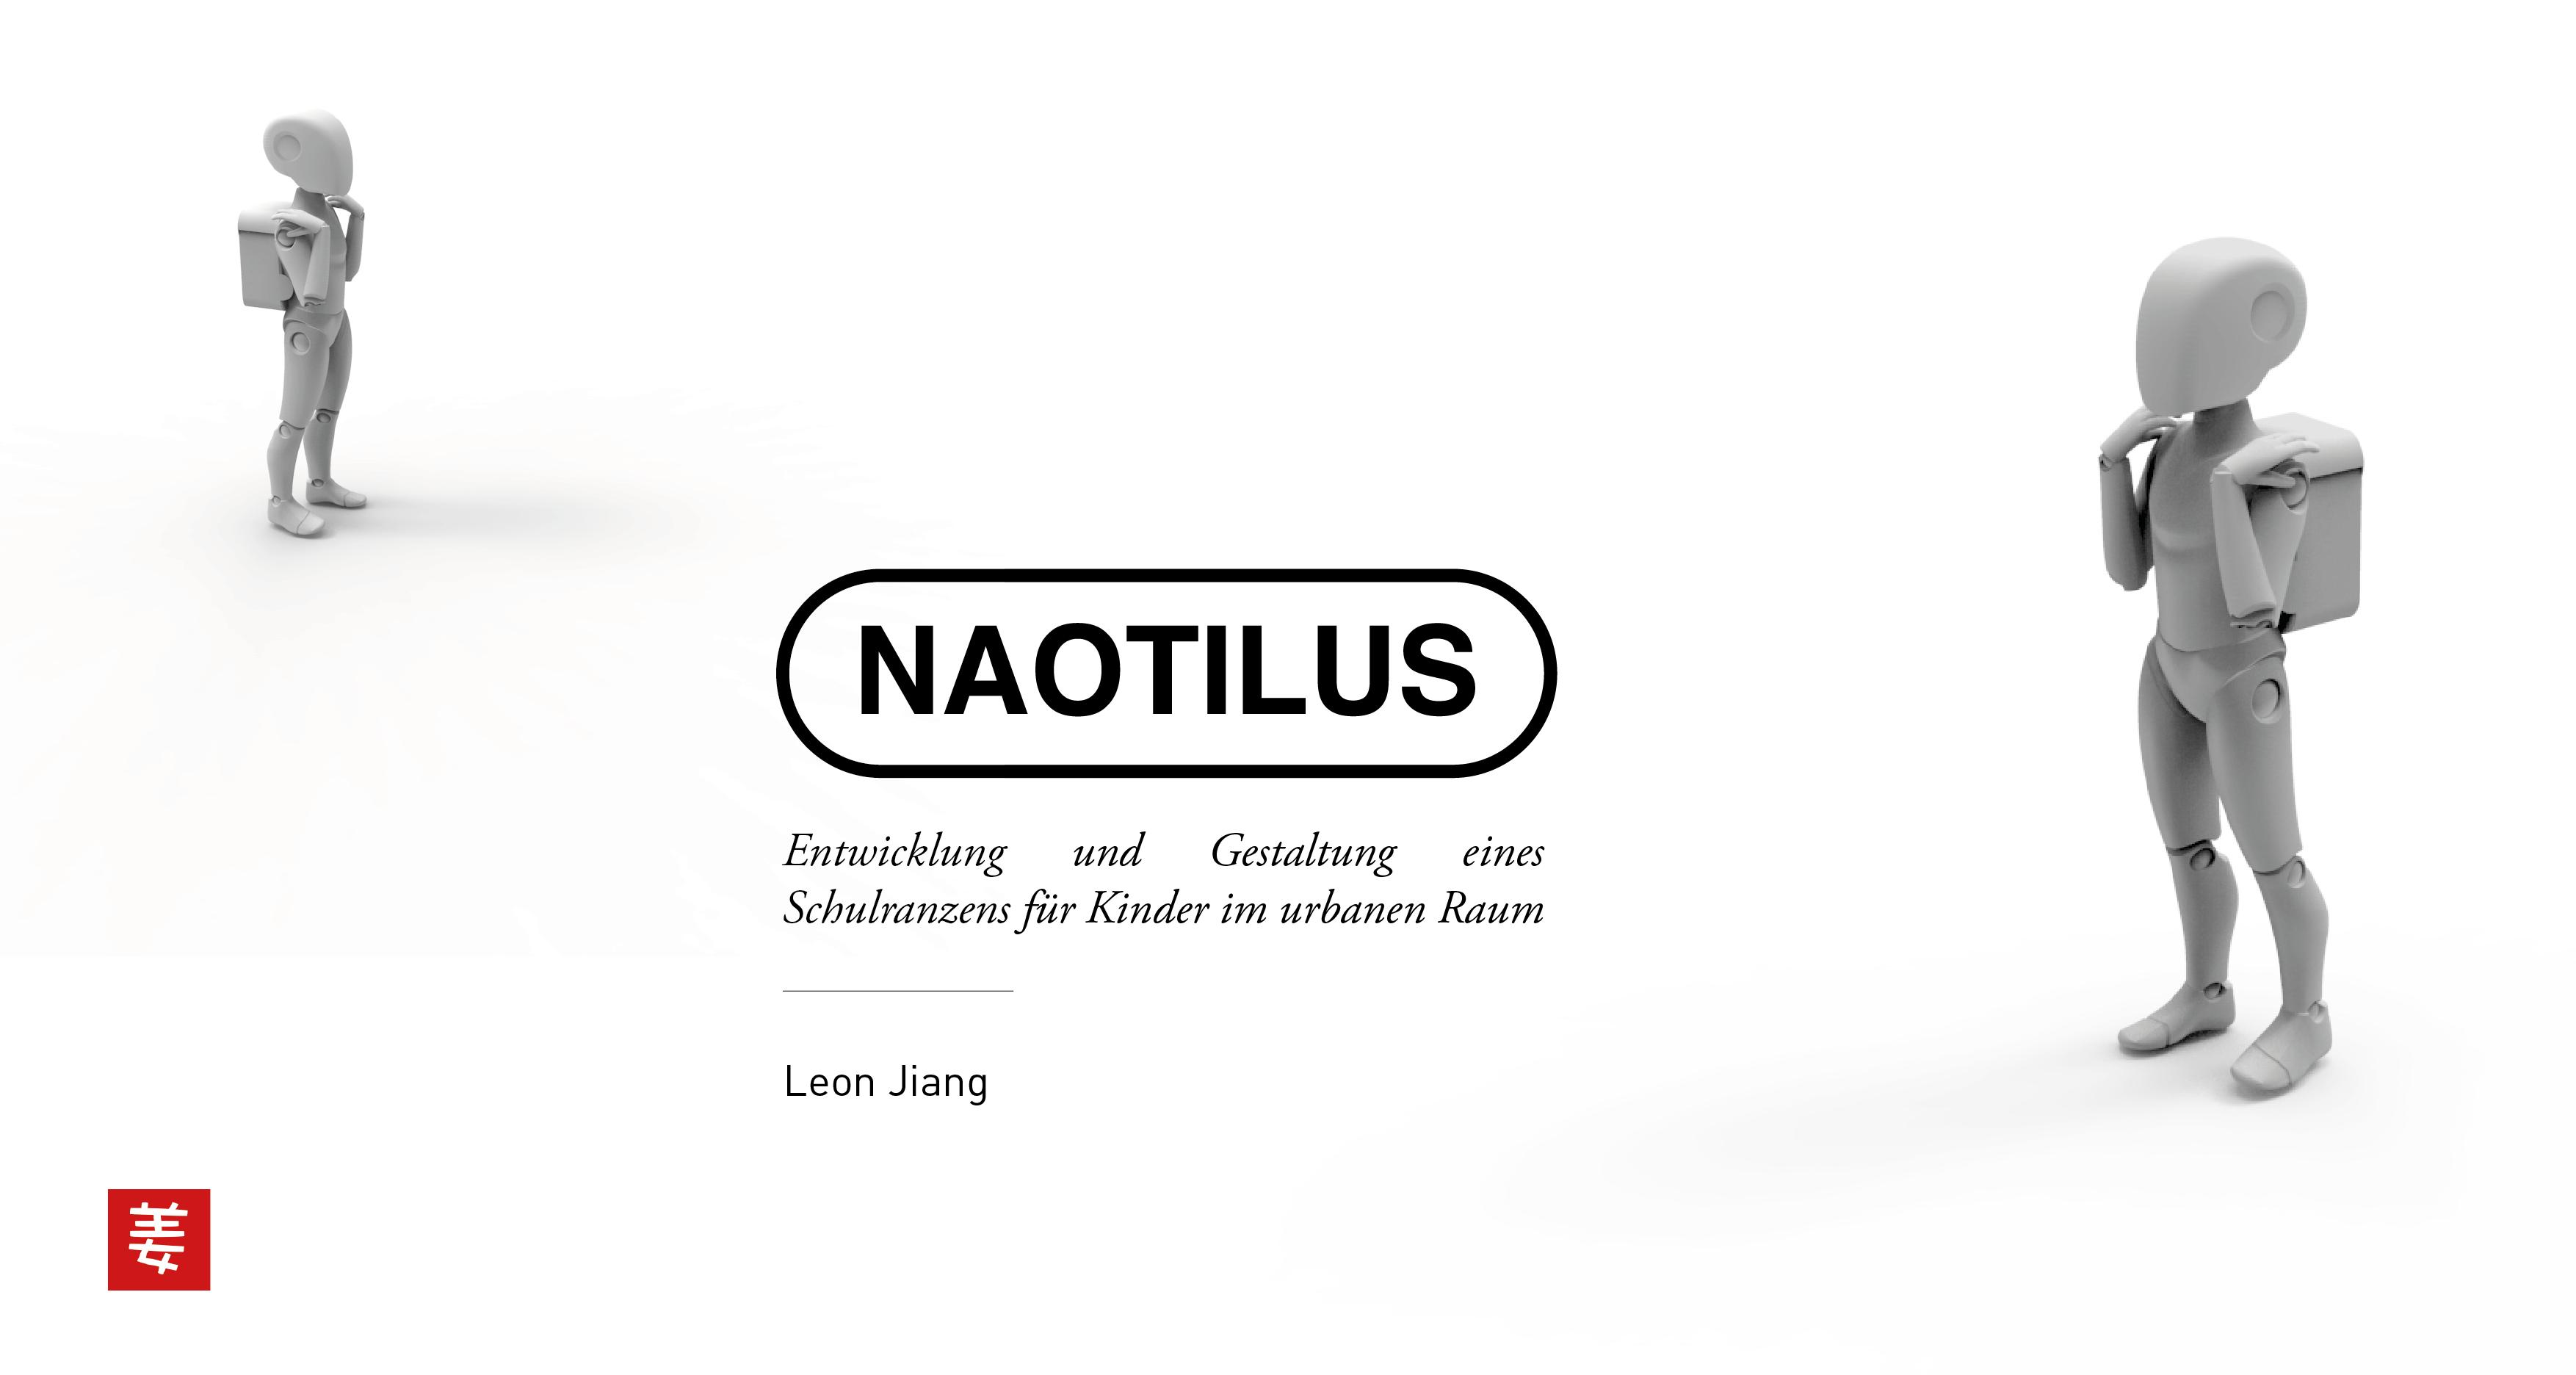 NAOTILUS